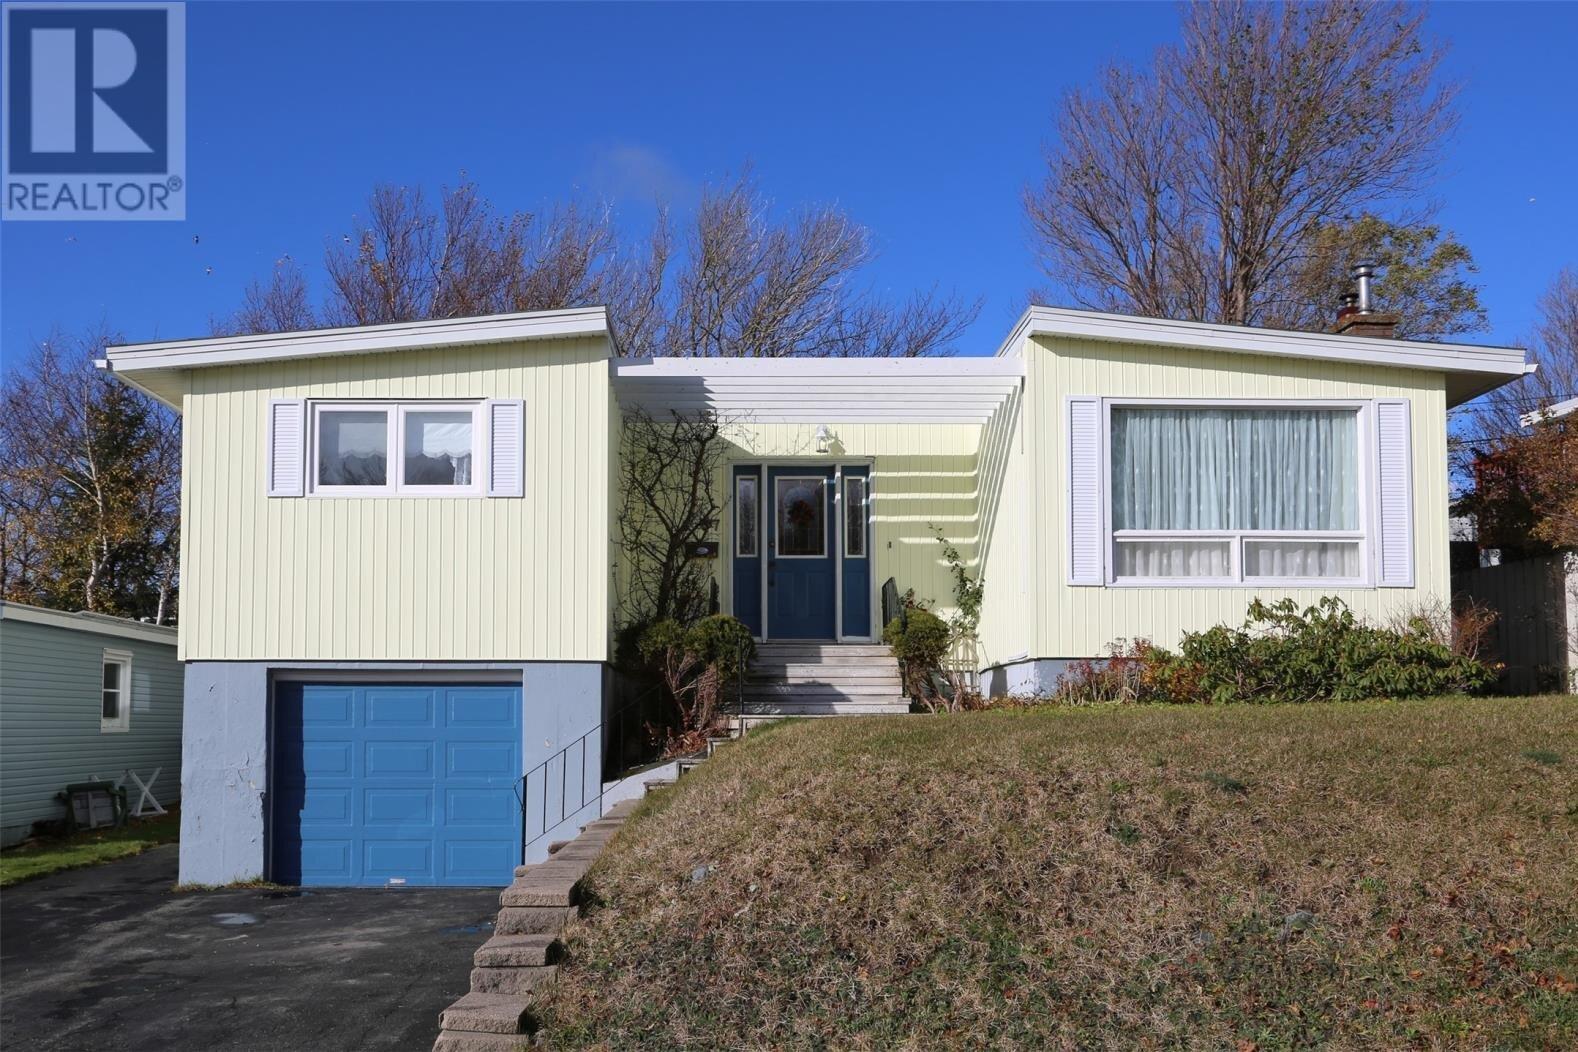 House for sale at 37 Slattery Rd St. John's Newfoundland - MLS: 1223515